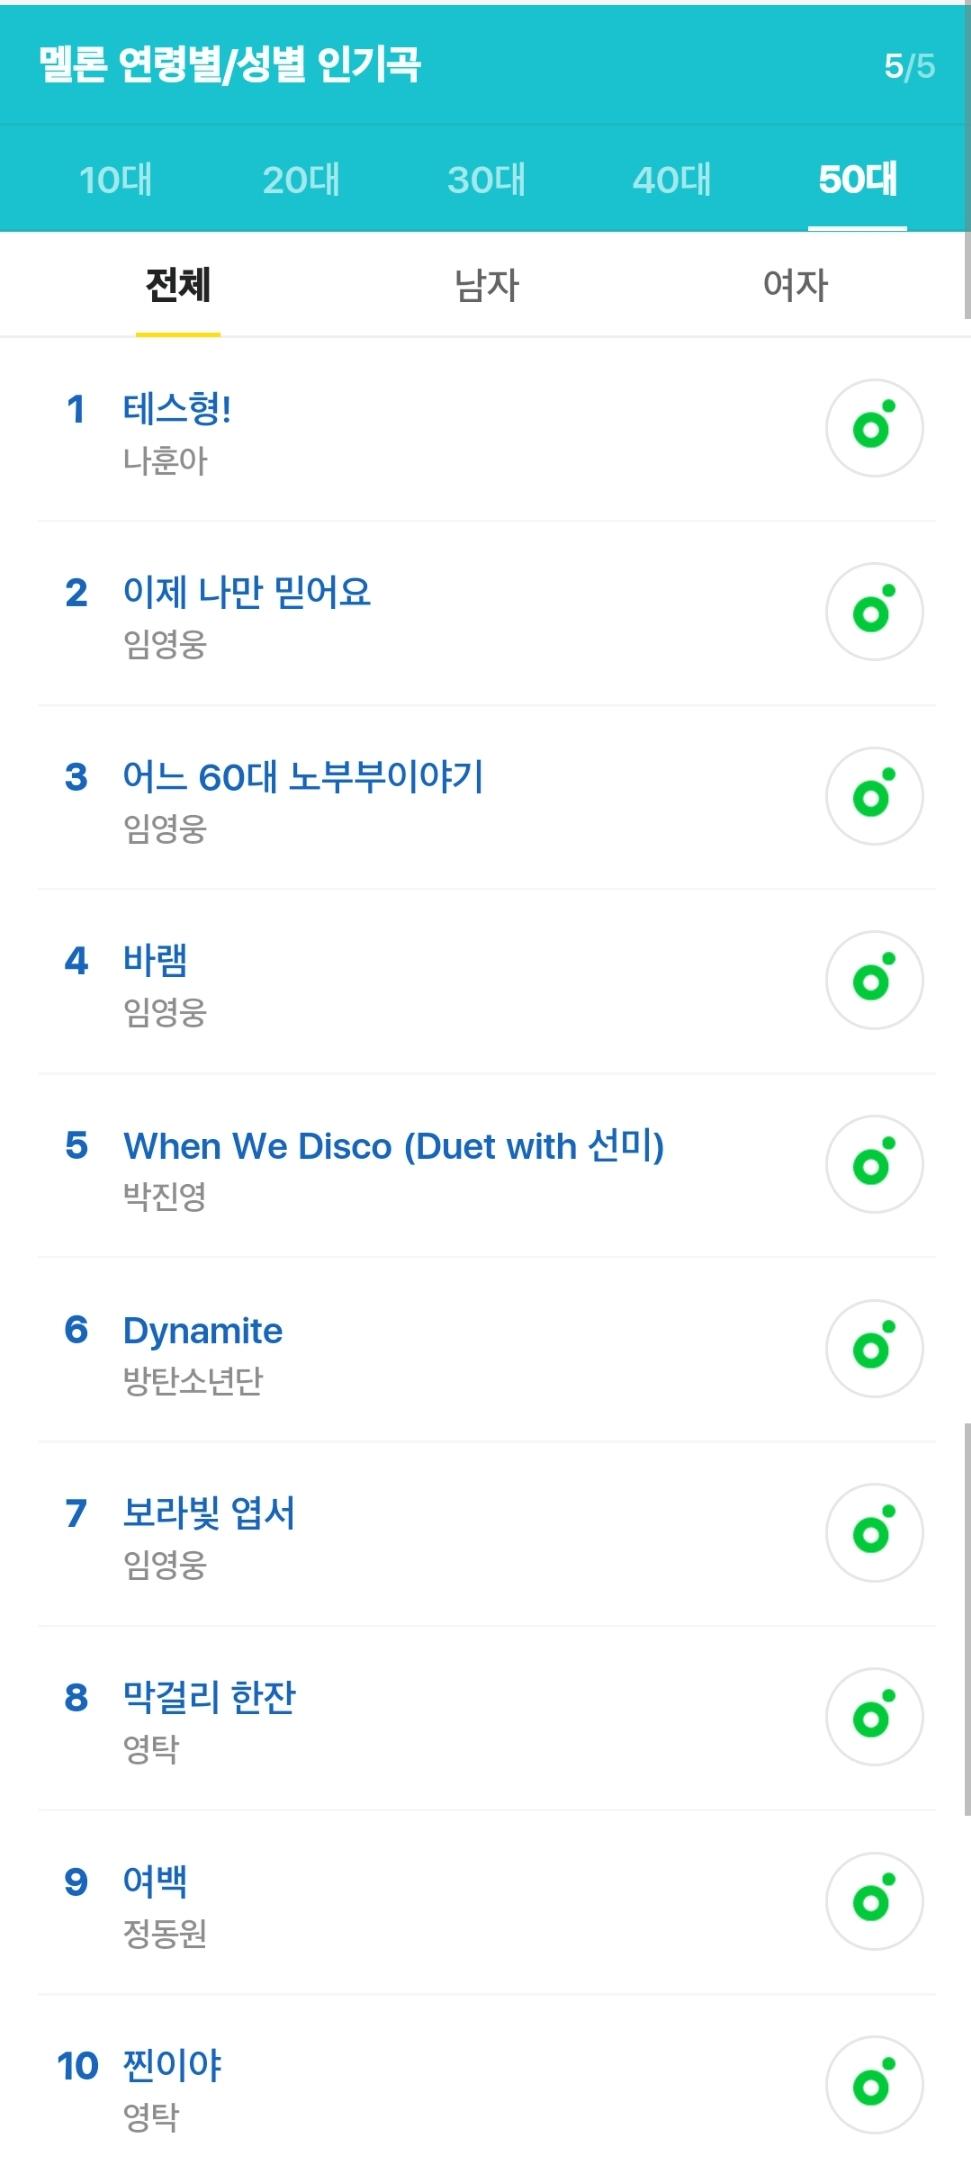 [정보/소식] 현재 멜론 연령별 인기곡 Top10 | 인스티즈